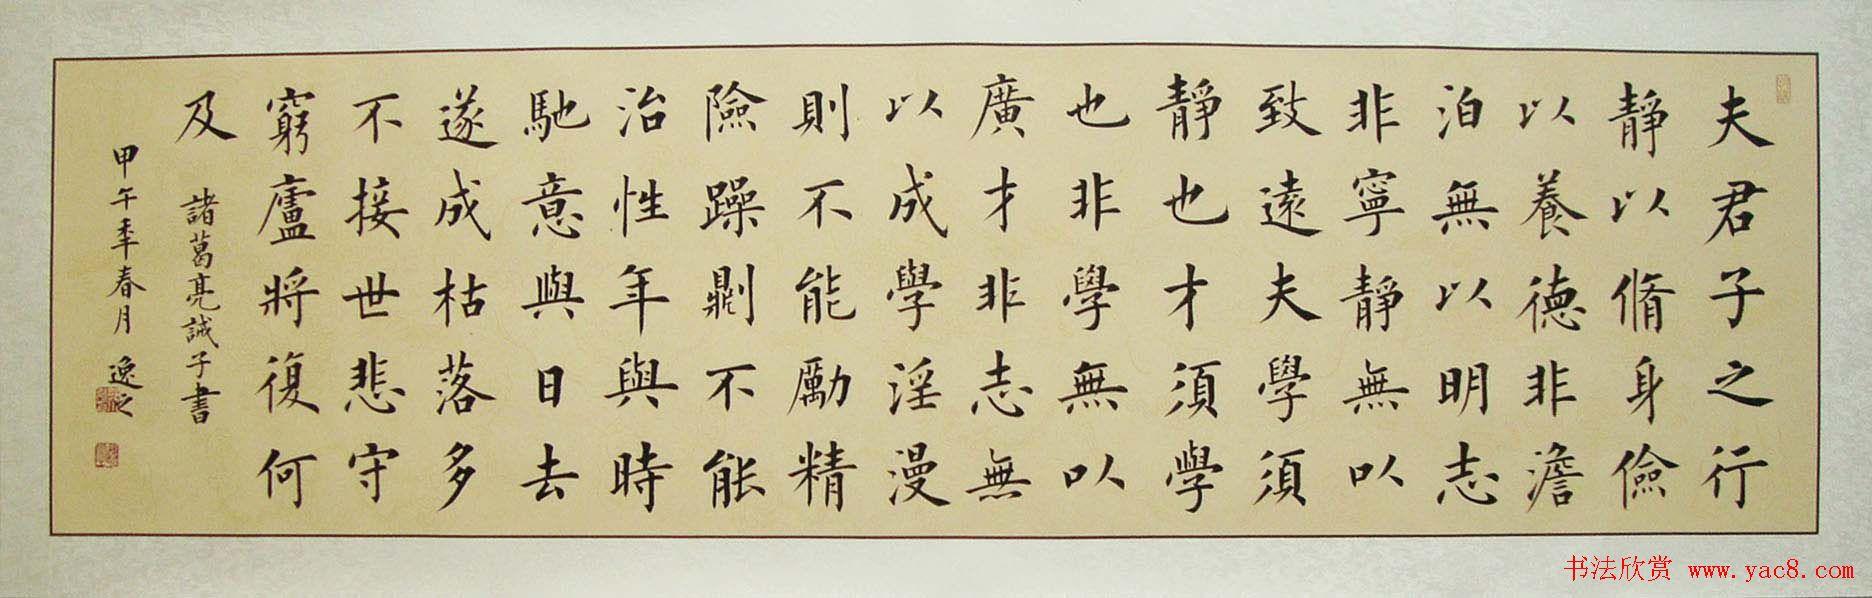 河北郭小永楷书书法作品